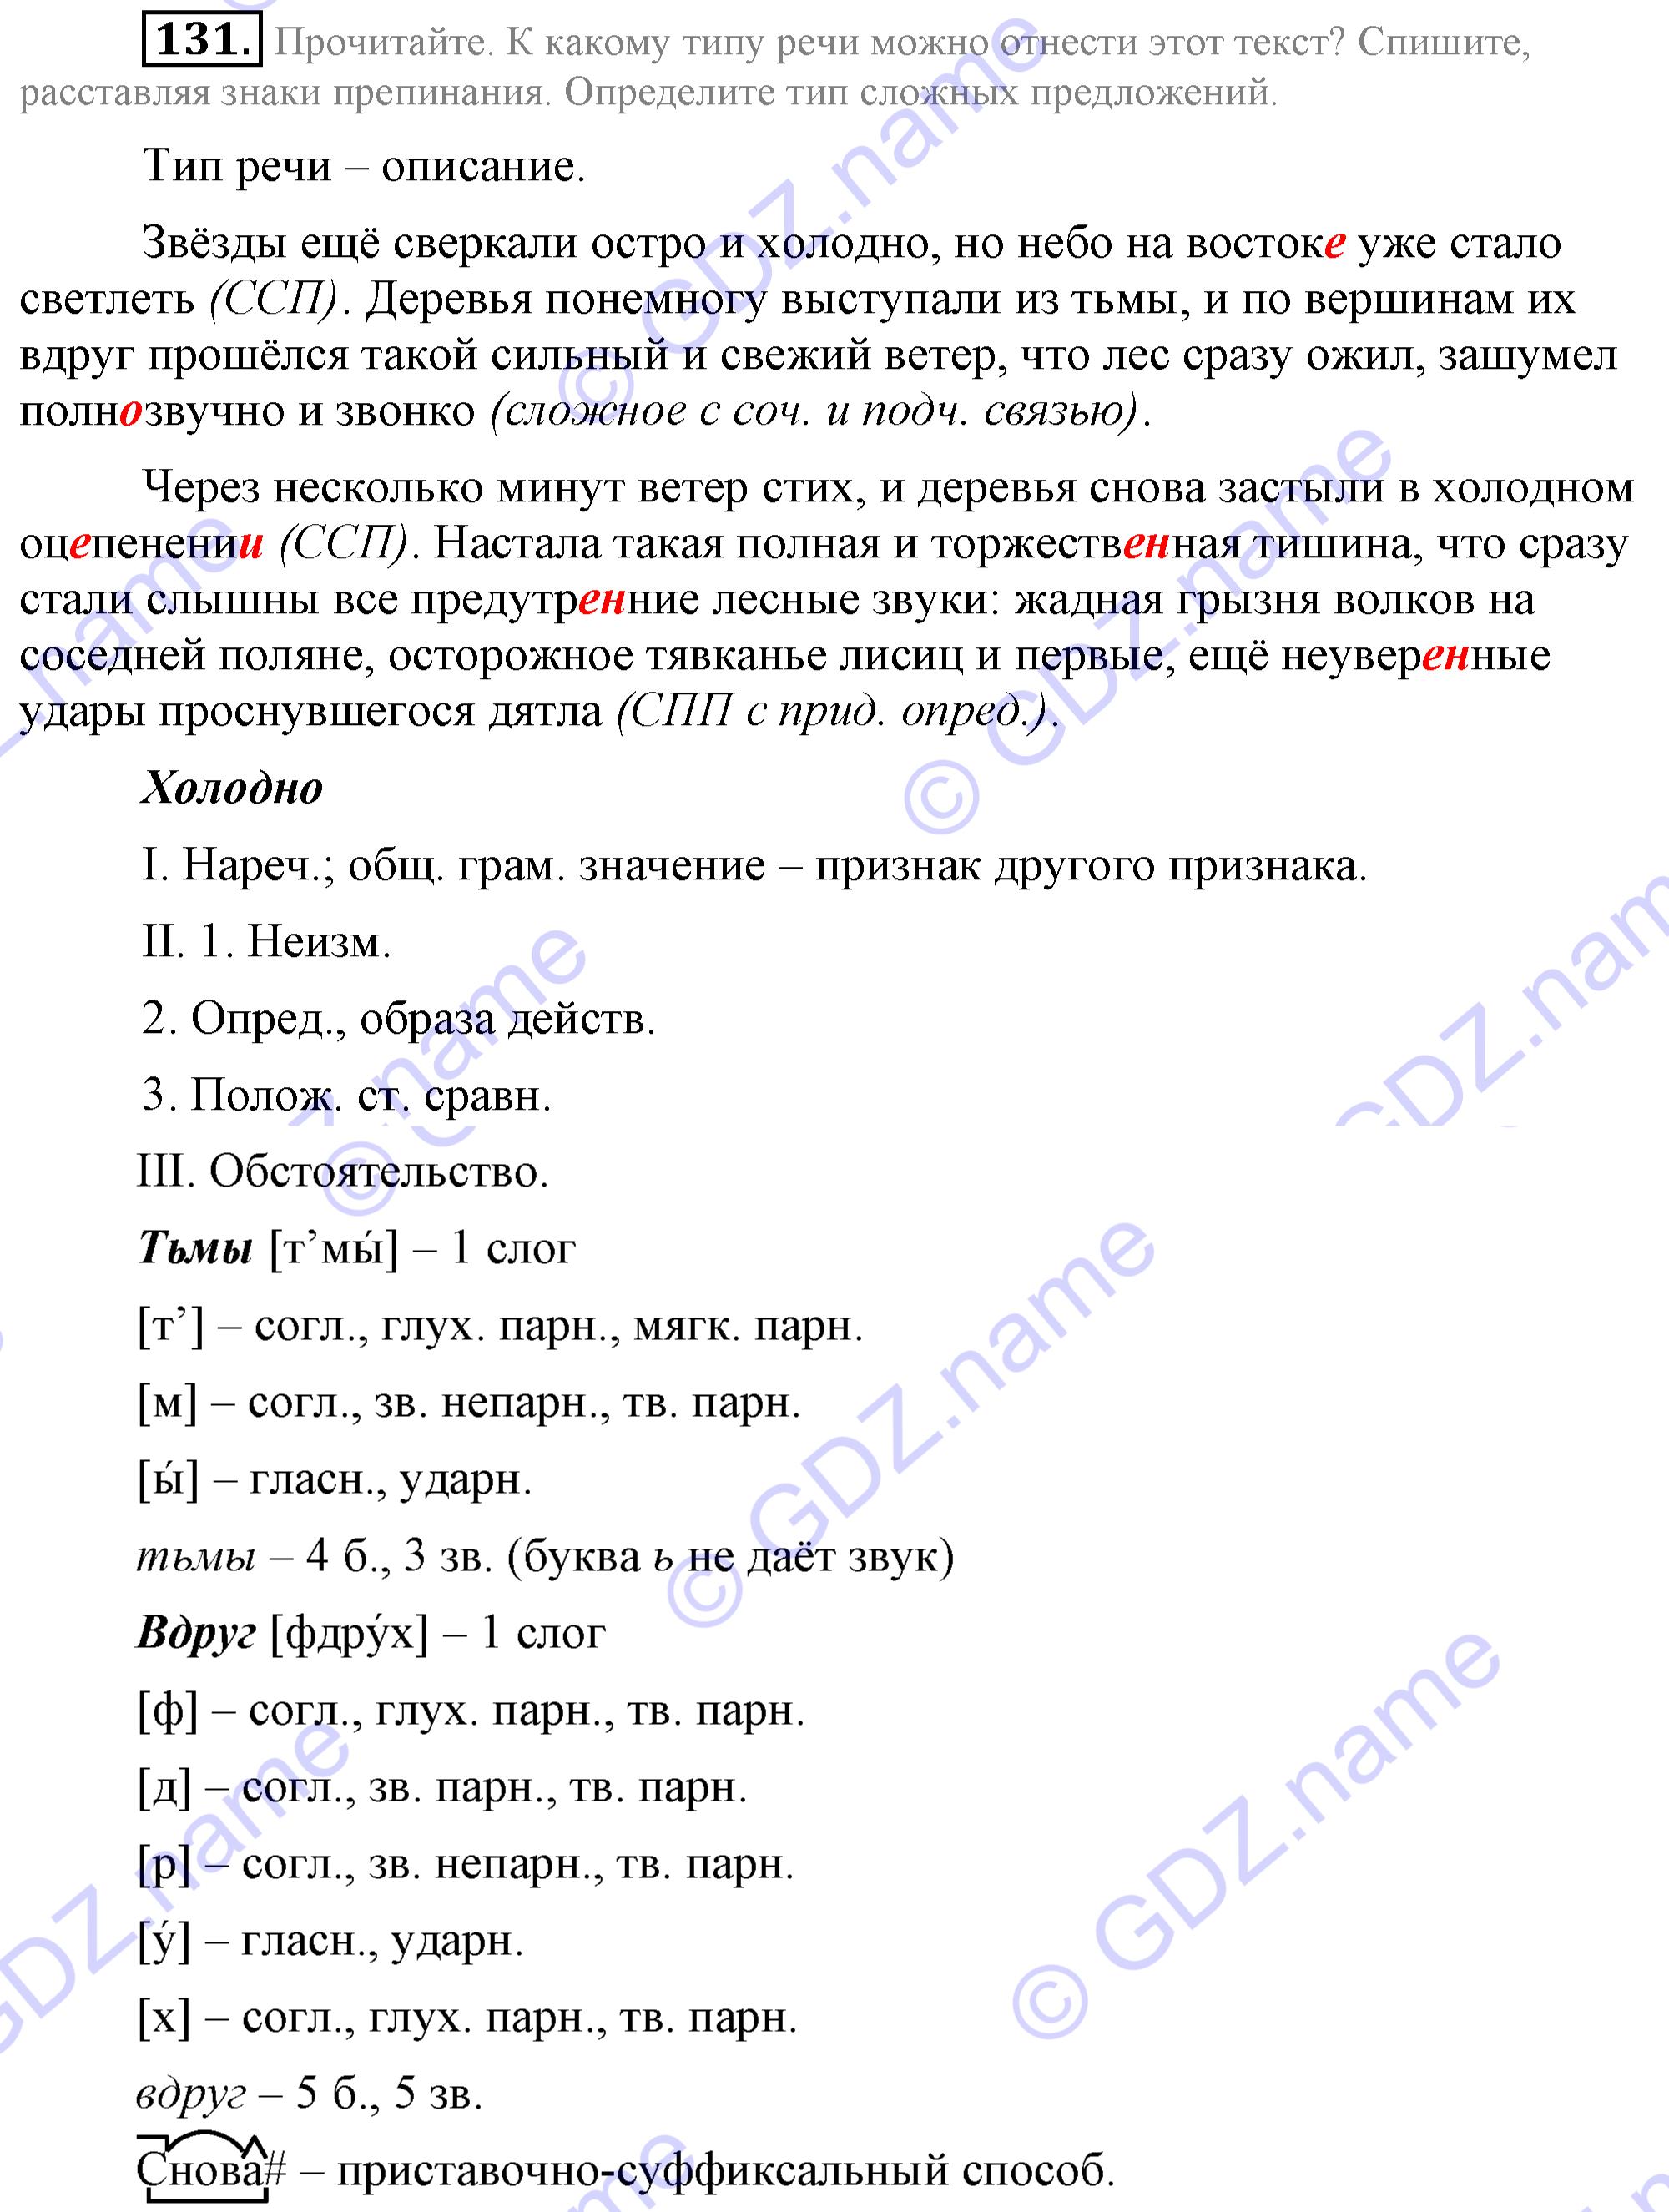 Гдз по русскому языку 9 класс бархударов скачать бесплатно